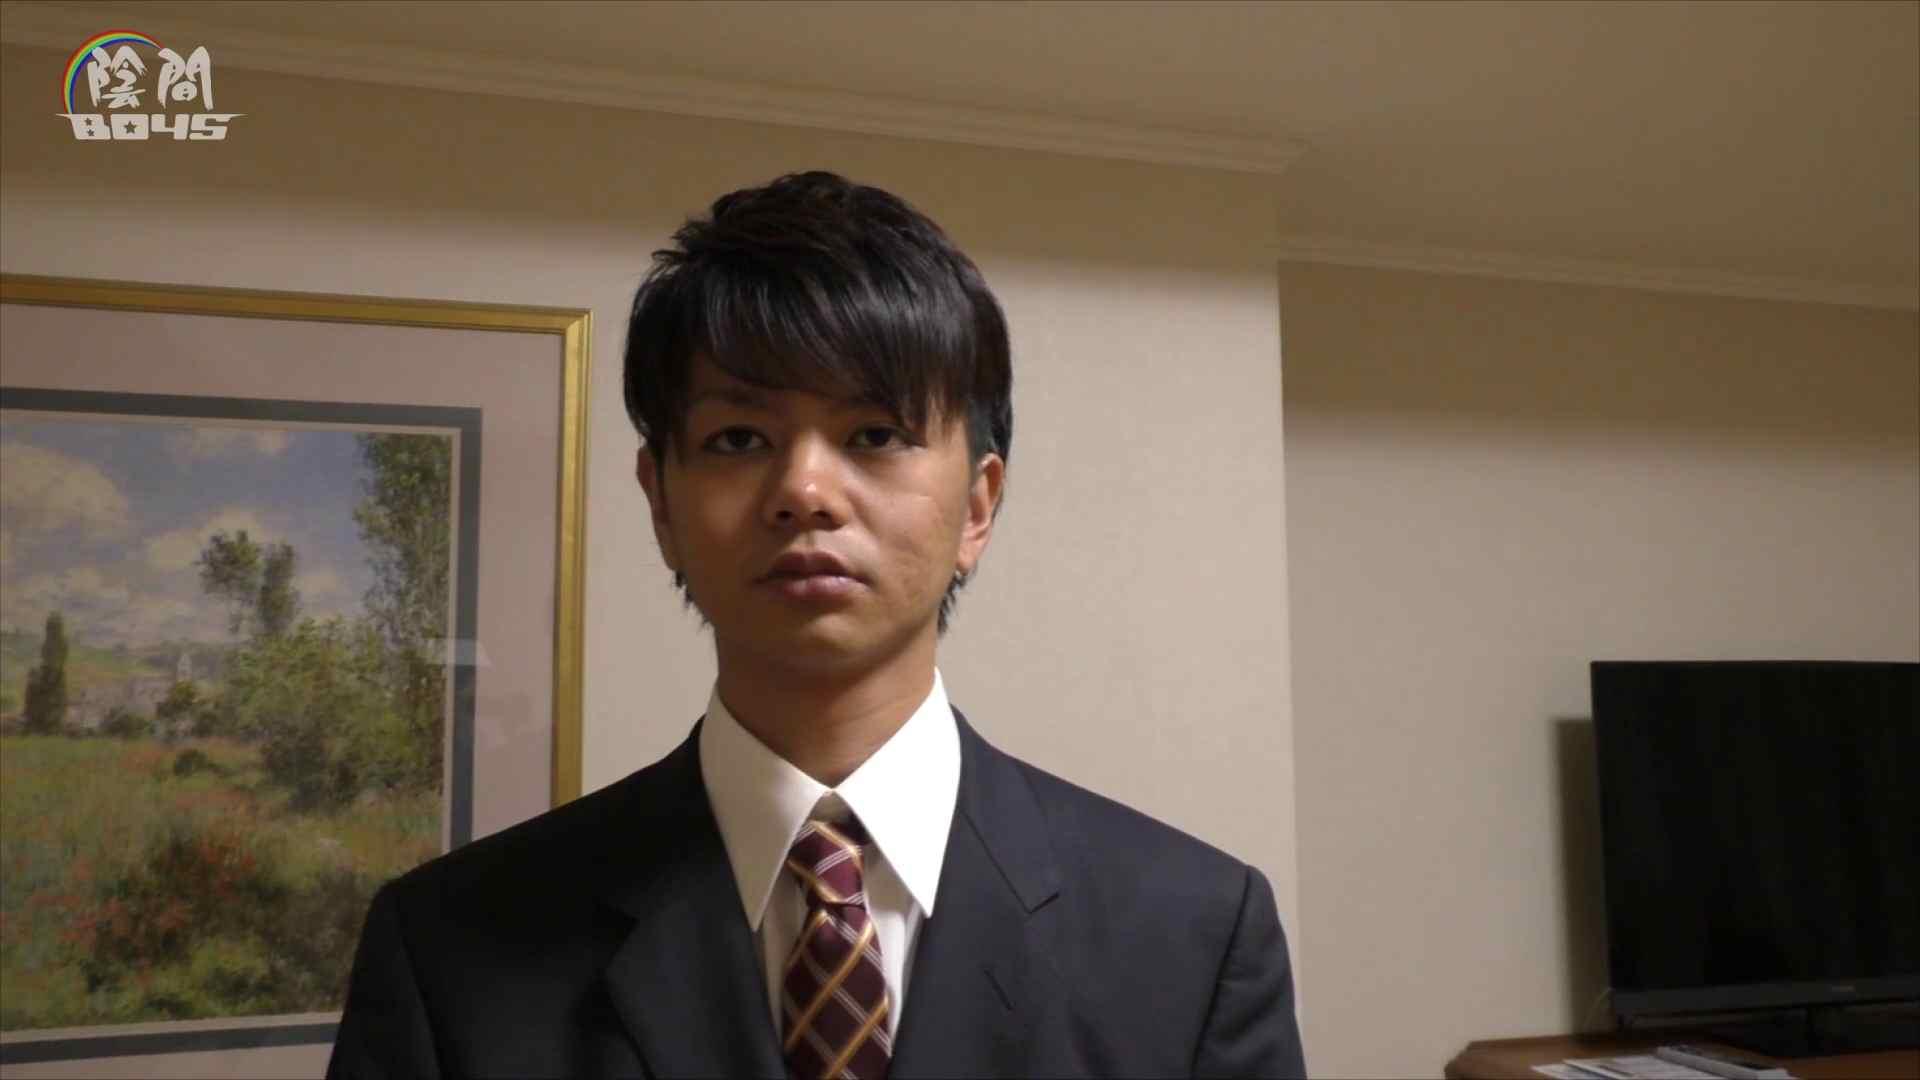 陰間BOYS~キャバクラの仕事はアナルから4 Vol.01 ザーメン ゲイエロ画像 108pic 16